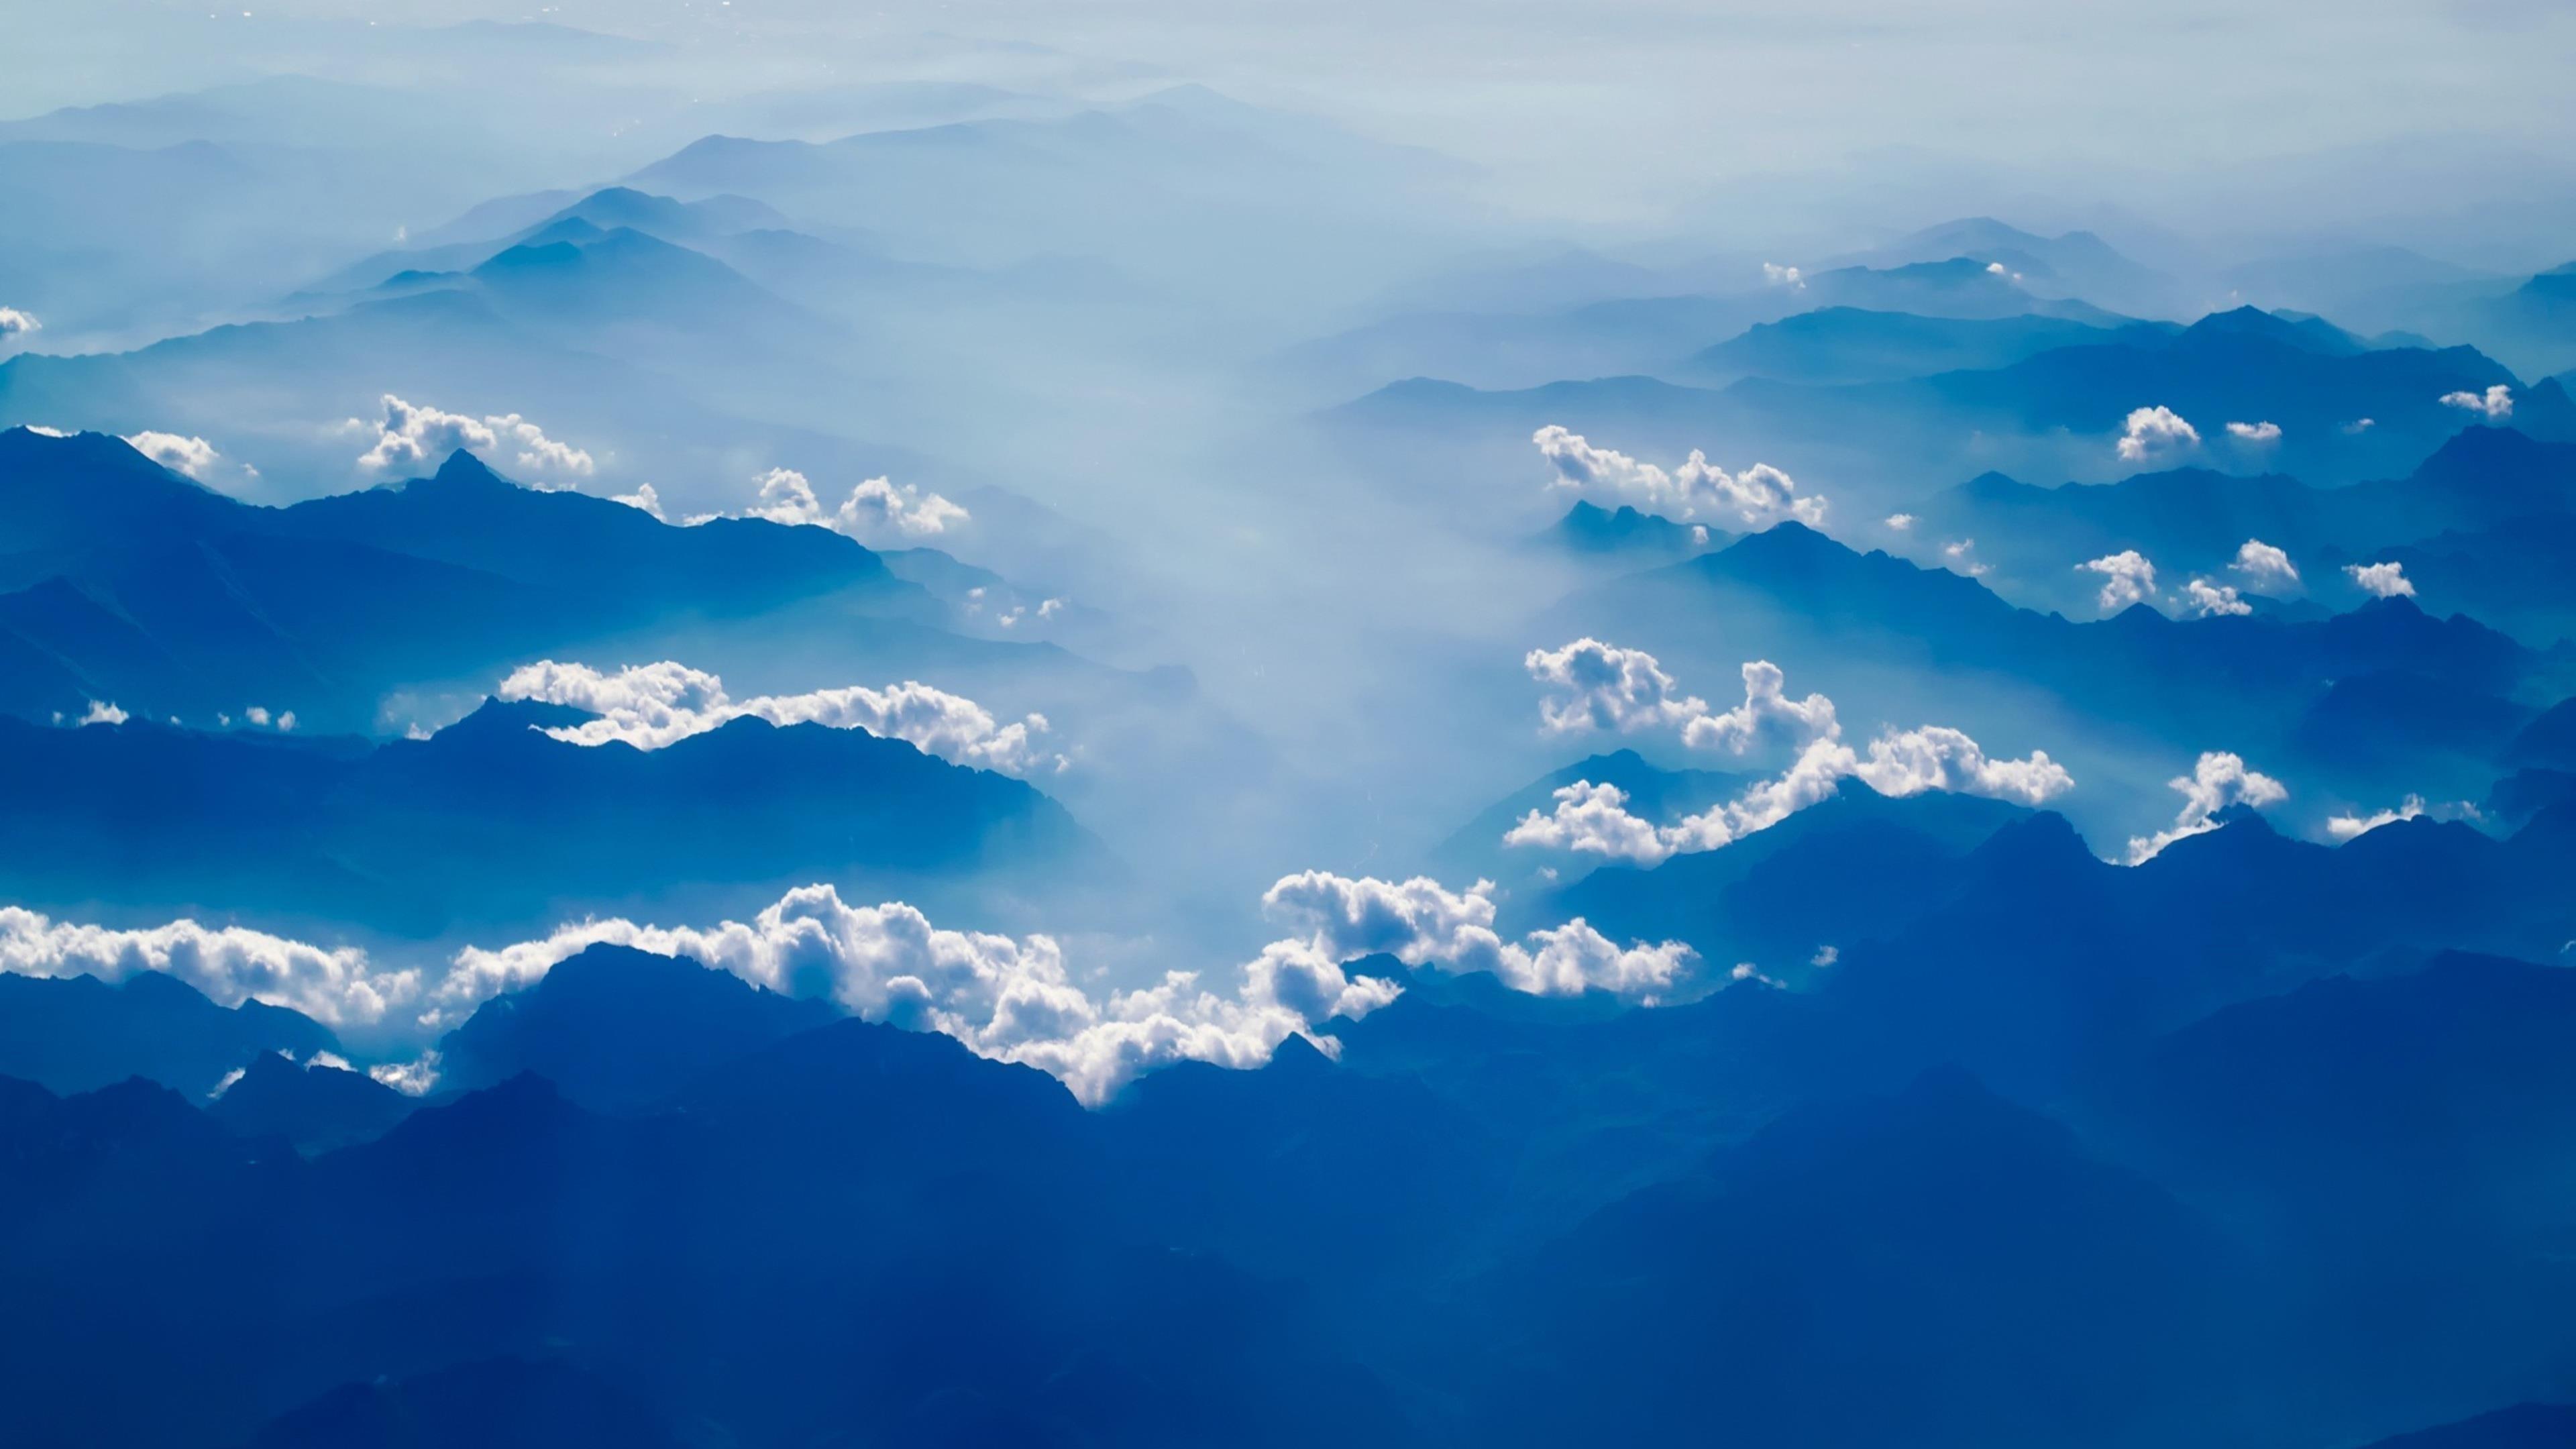 Горы сельская местность туман облака дымка небо восход солнца природа обои скачать